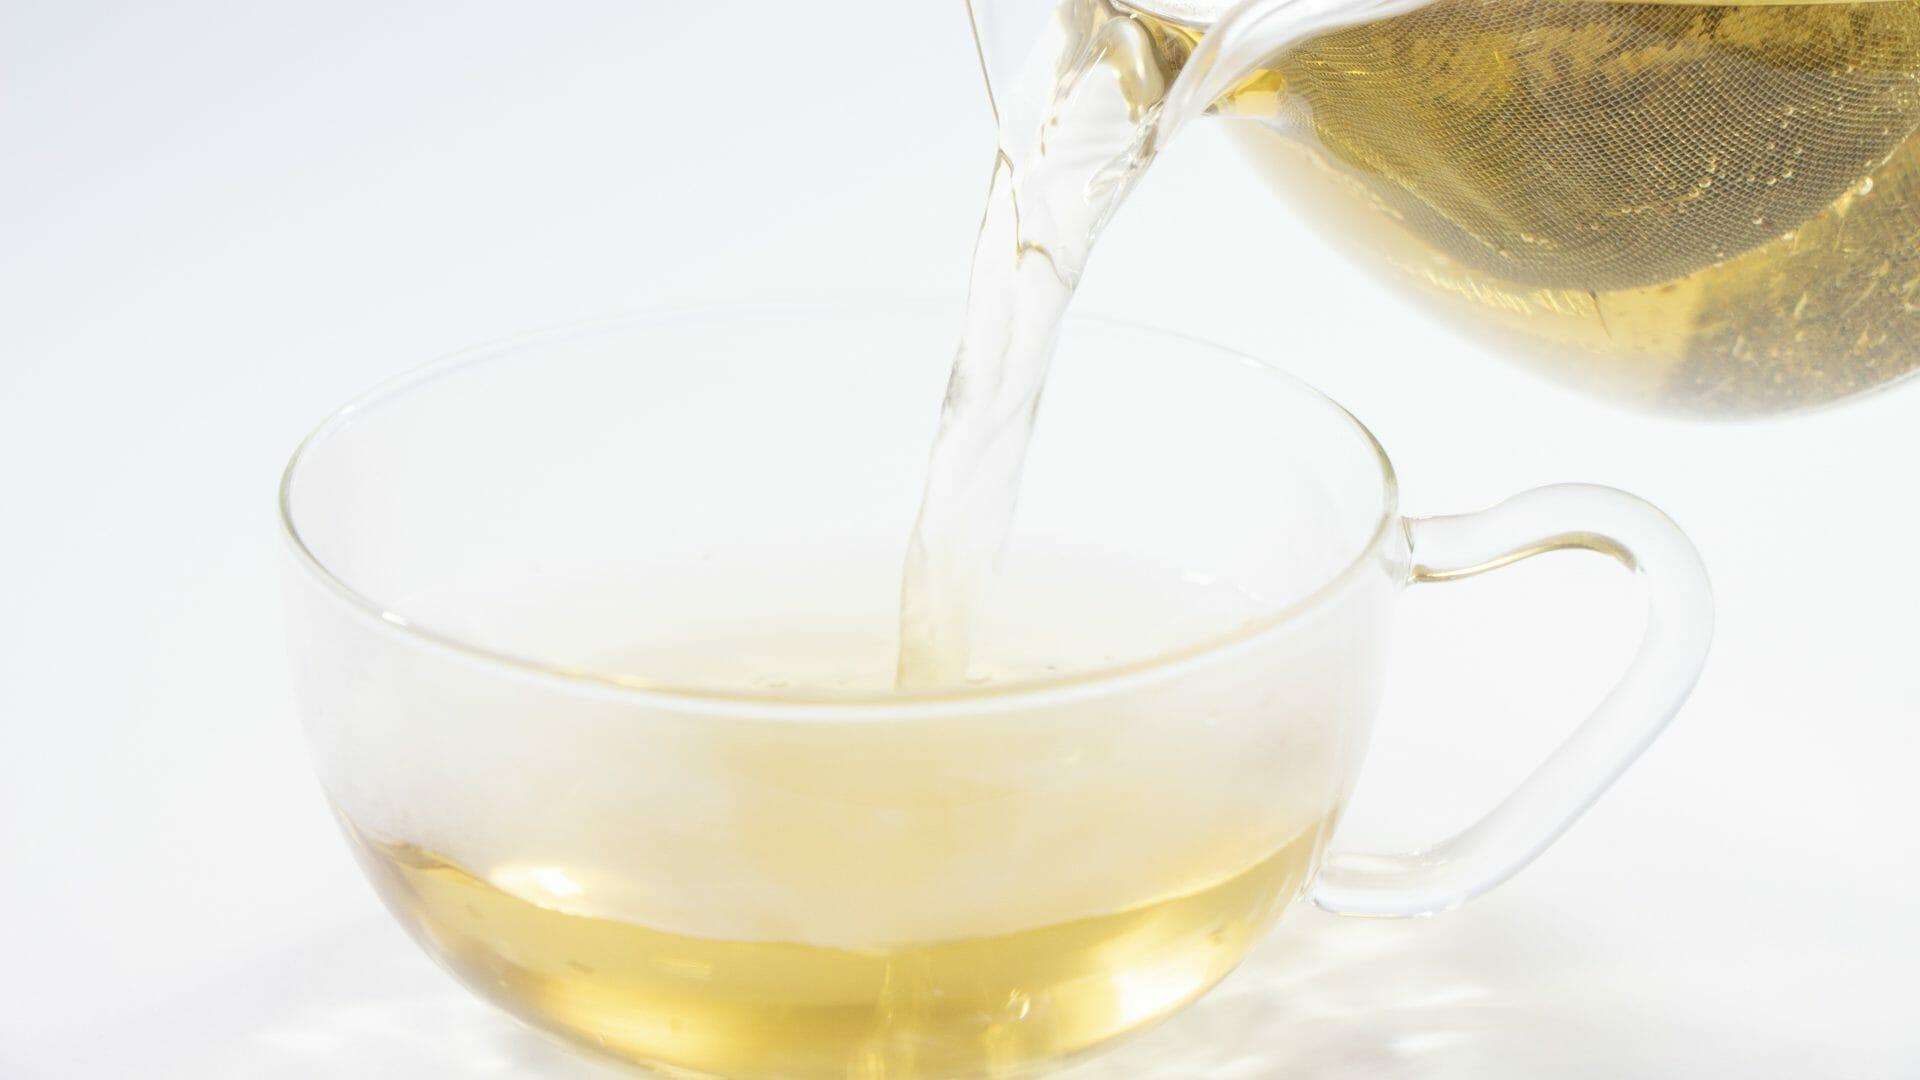 桑の葉茶の作り方!手作り桑茶のデメリット・危険性は?